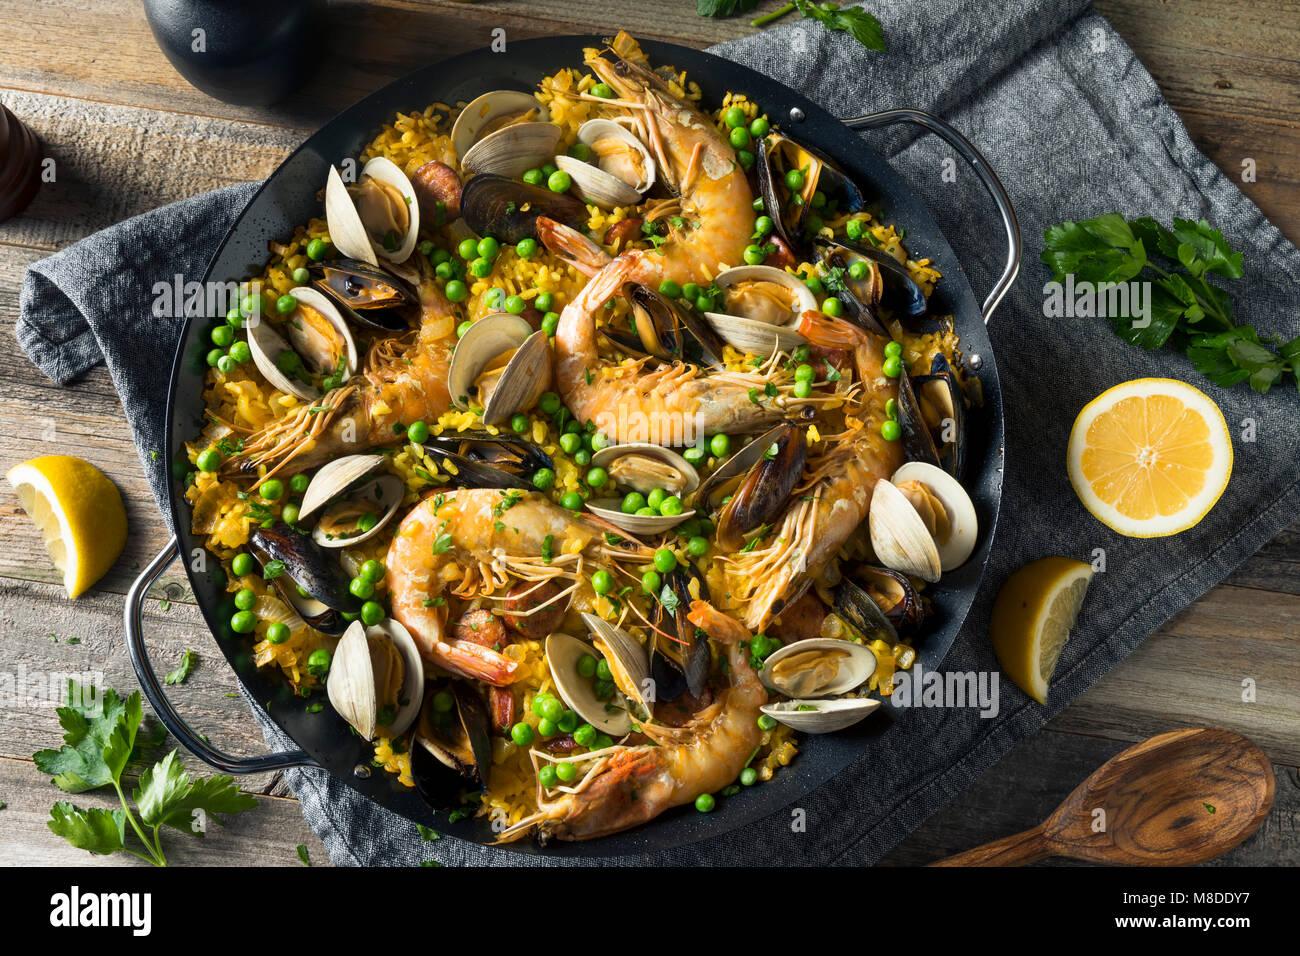 Paella aux fruits de mer espagnol fait maison avec des moules et des palourdes Crevettes Photo Stock